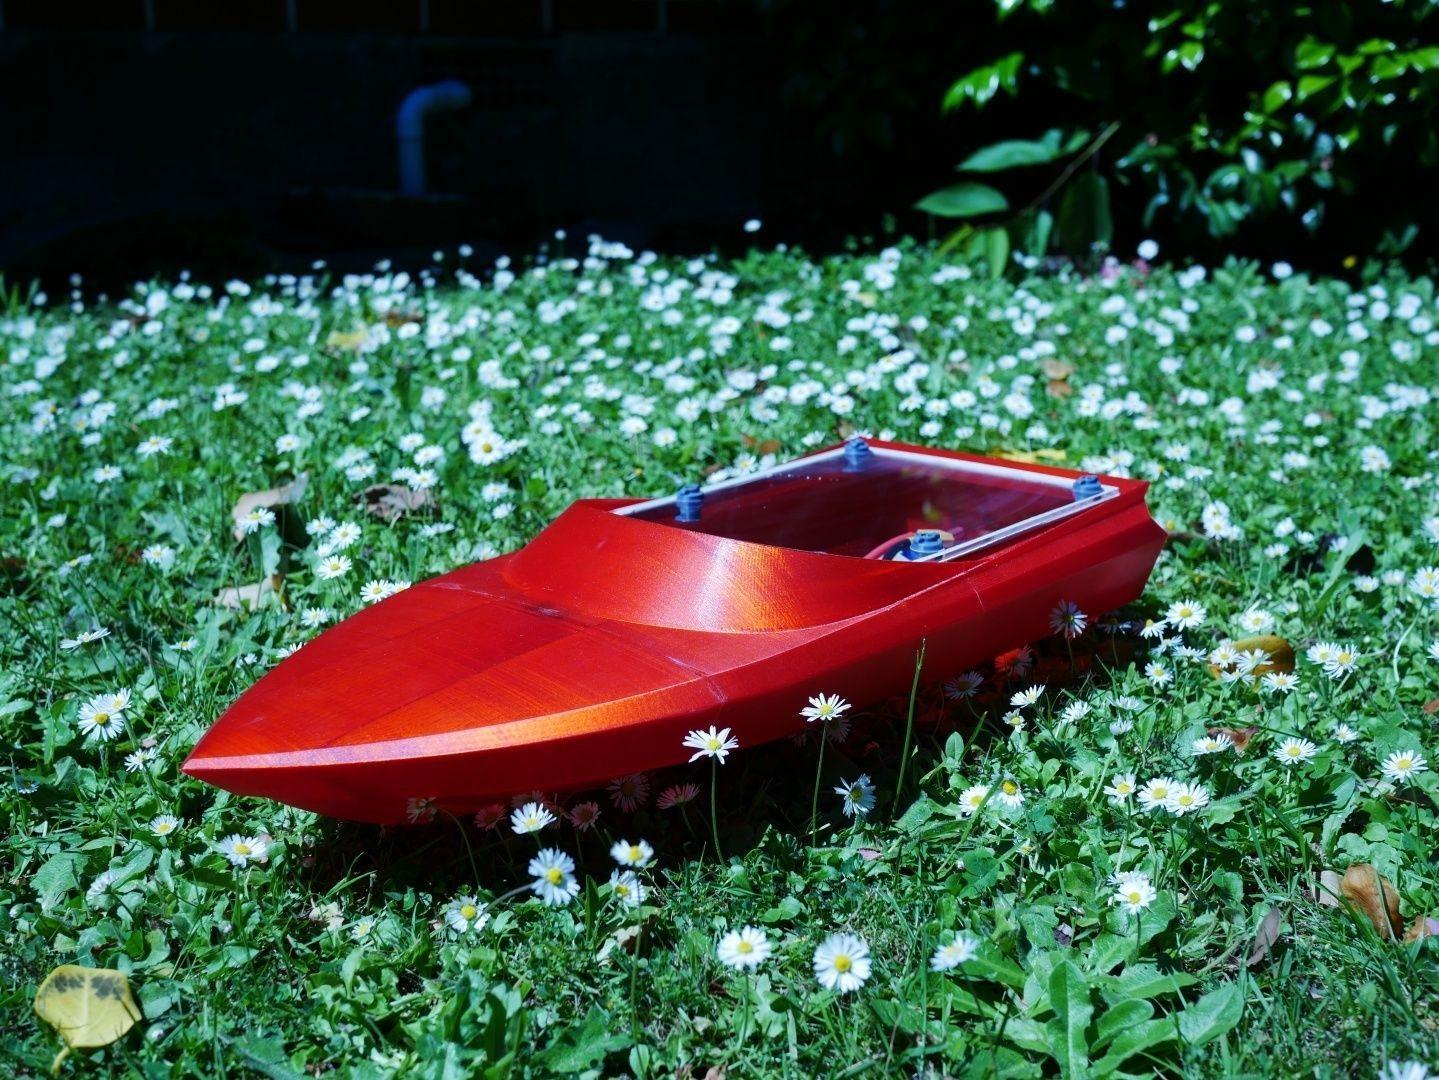 KwikJet - The 3D Printable Jet Boat